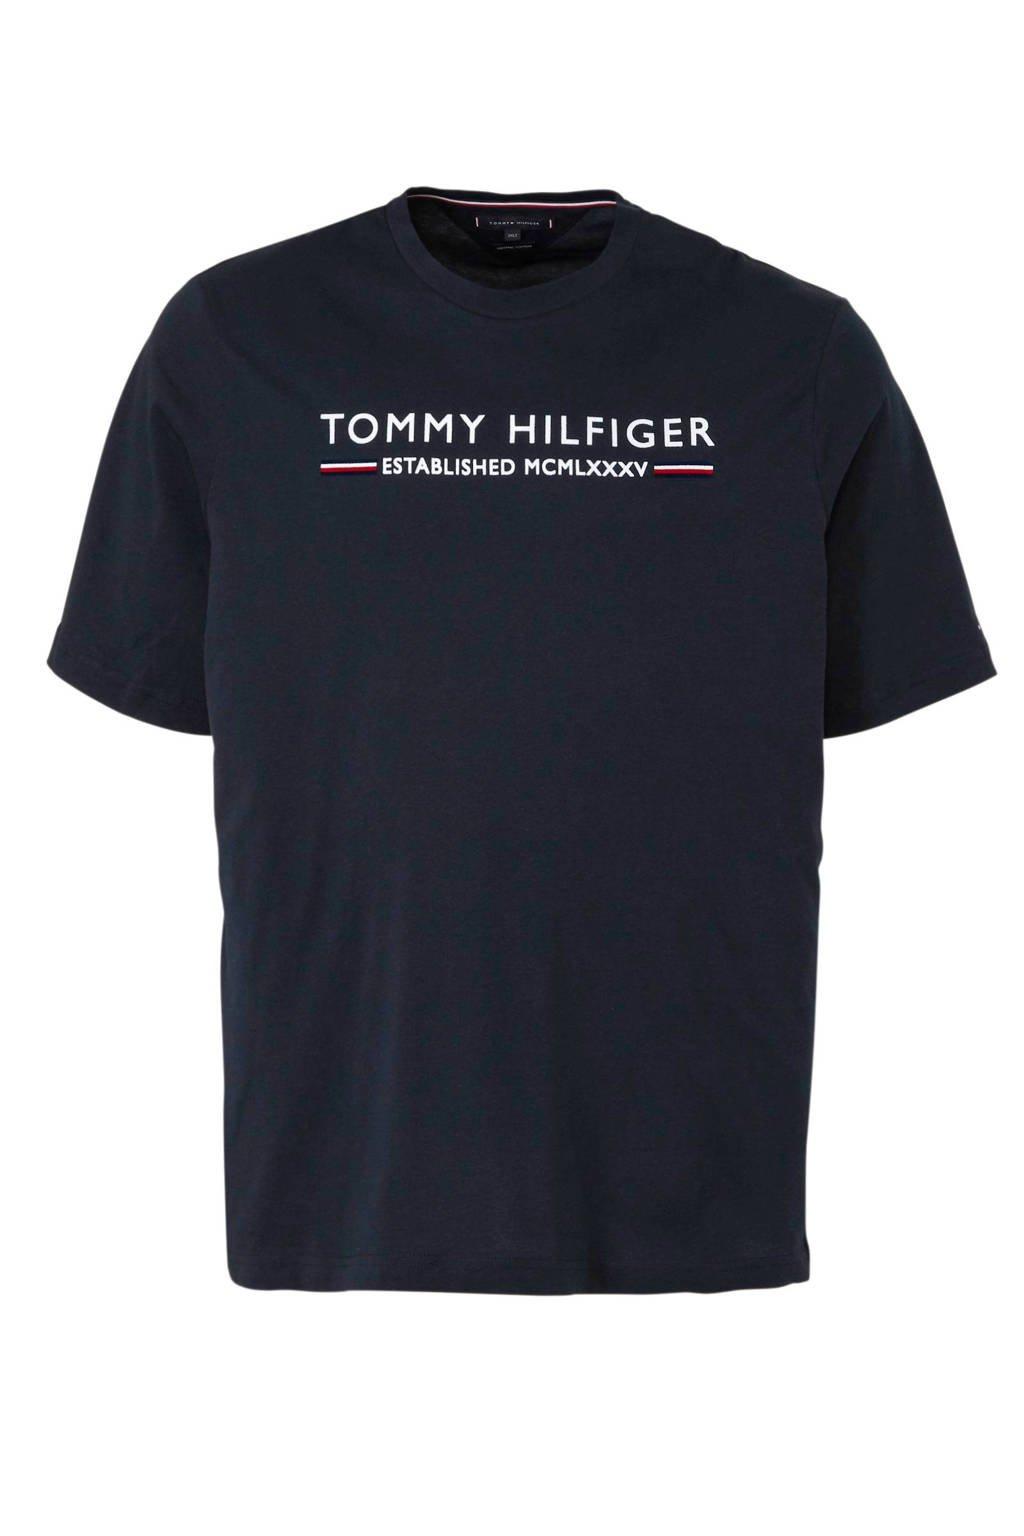 Tommy Hilfiger Big & Tall +size T-shirt met tekst, Donkerblauw